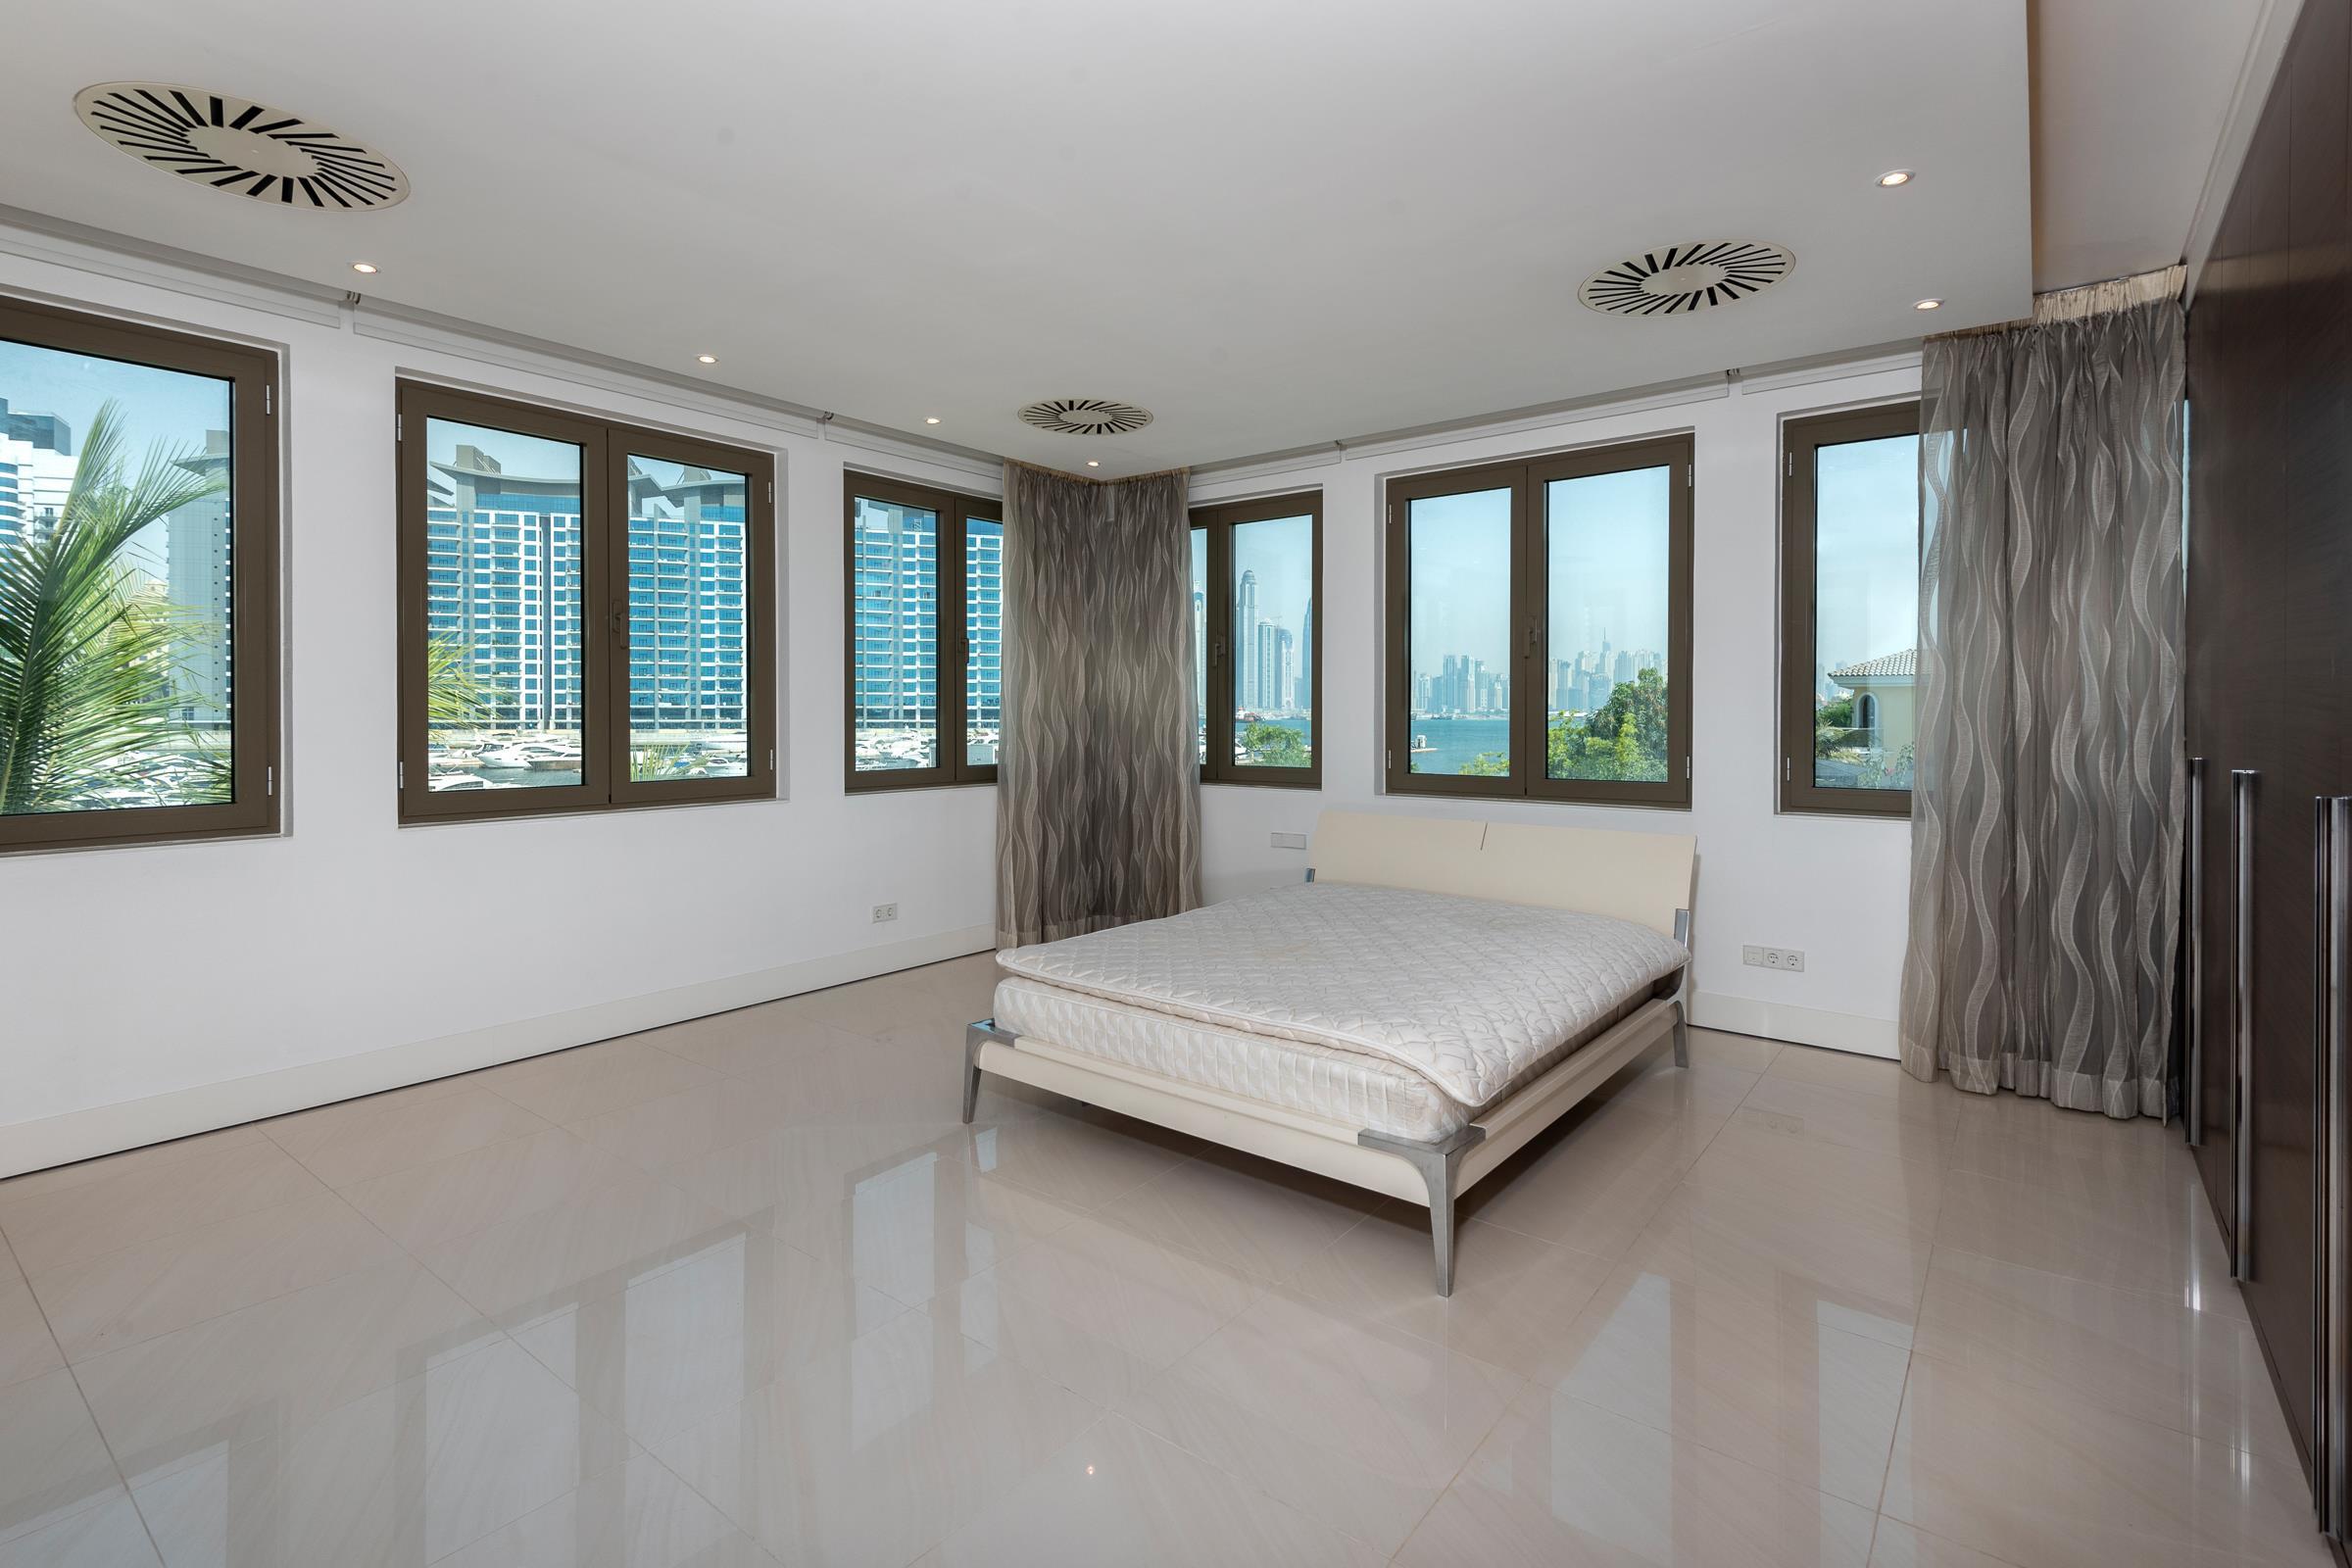 6 Bed Room Signature Villa